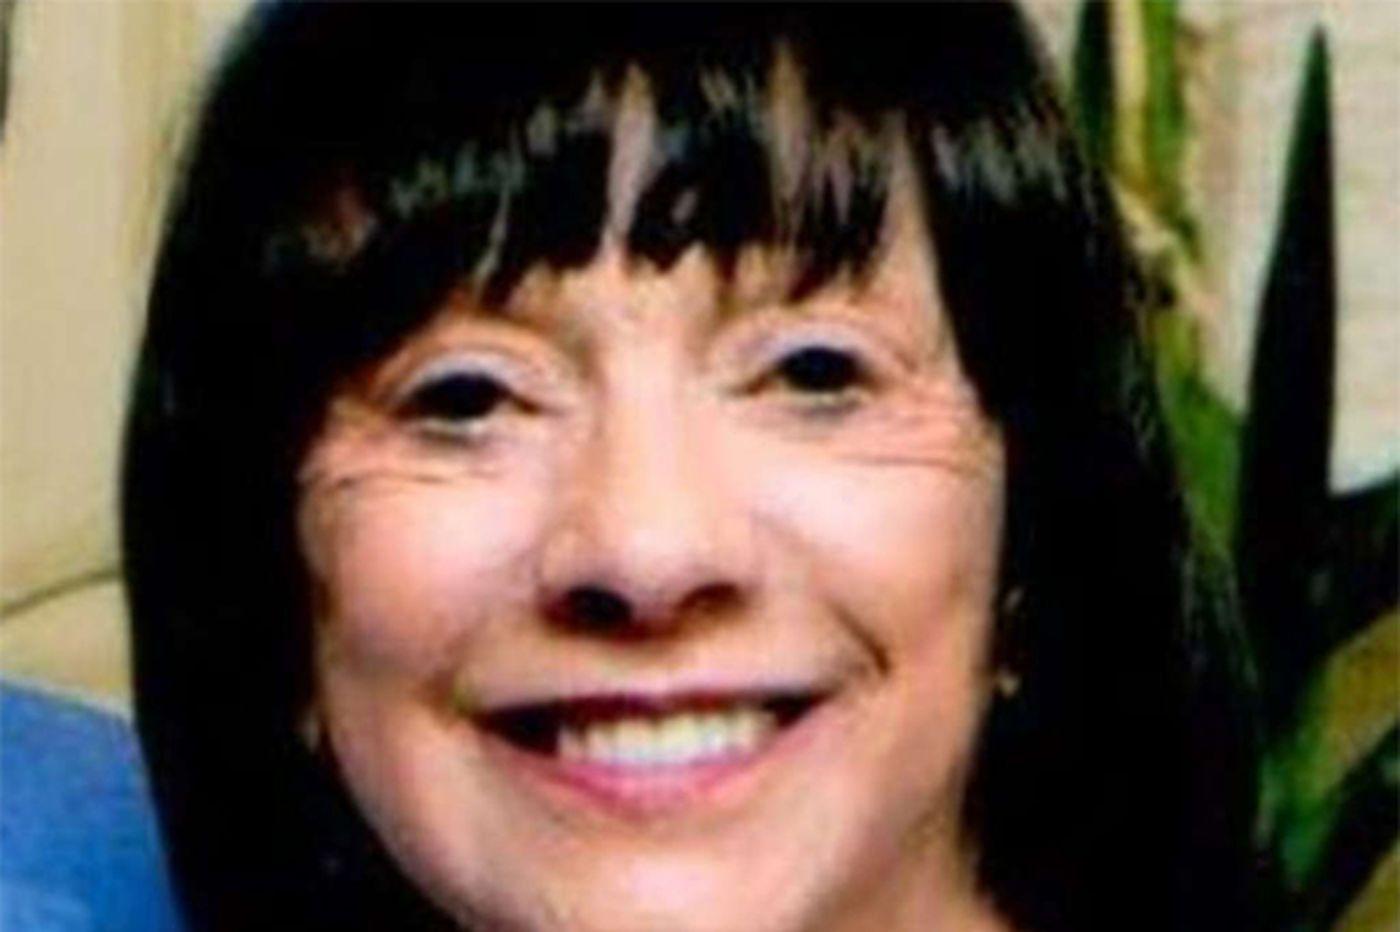 Marjorie J.N. Katz, 70, philanthropist, wife of Inquirer co-owner